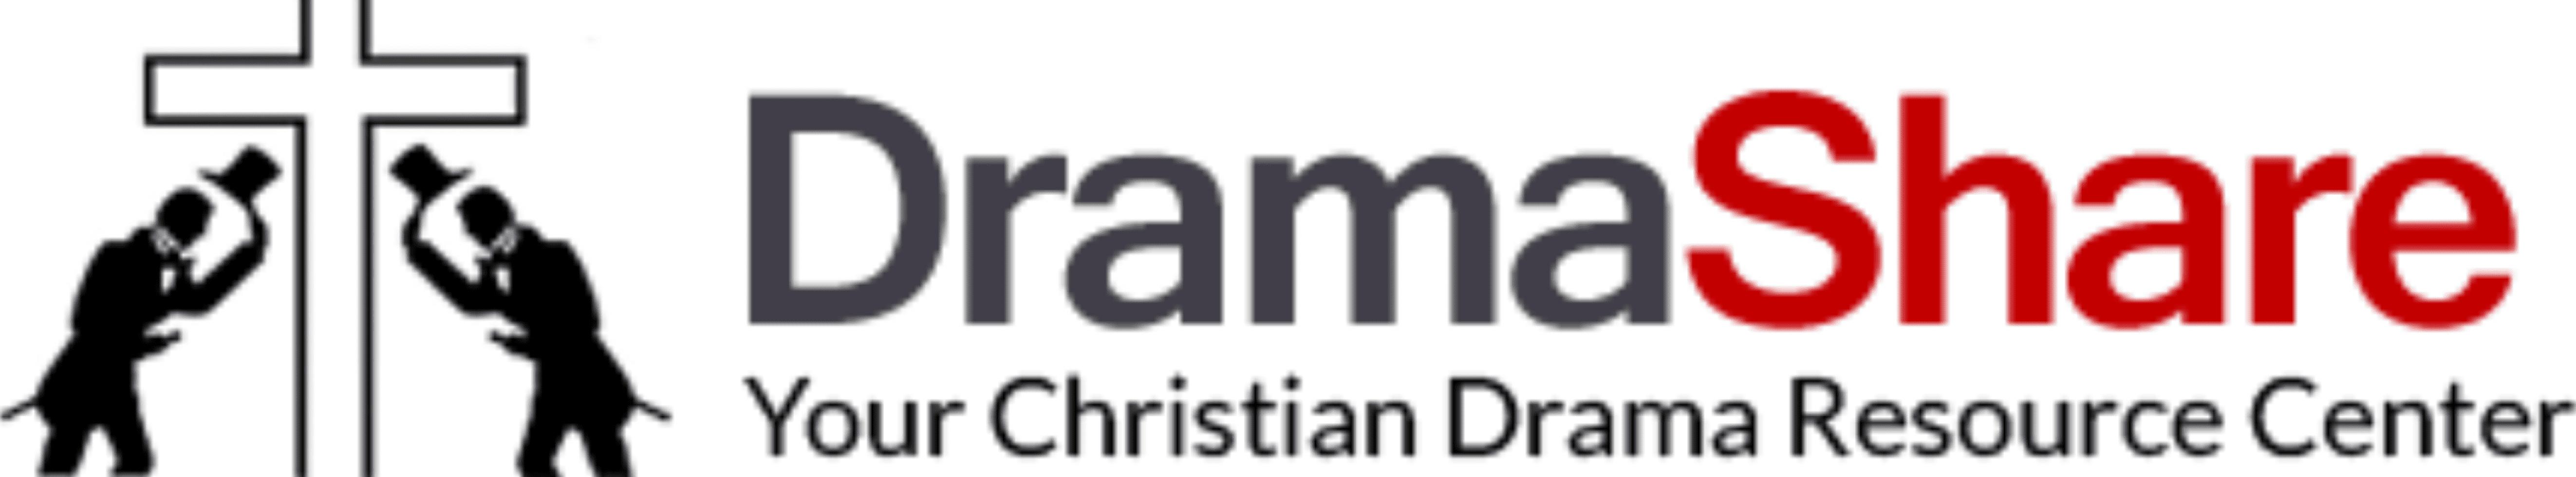 Christian website logo.